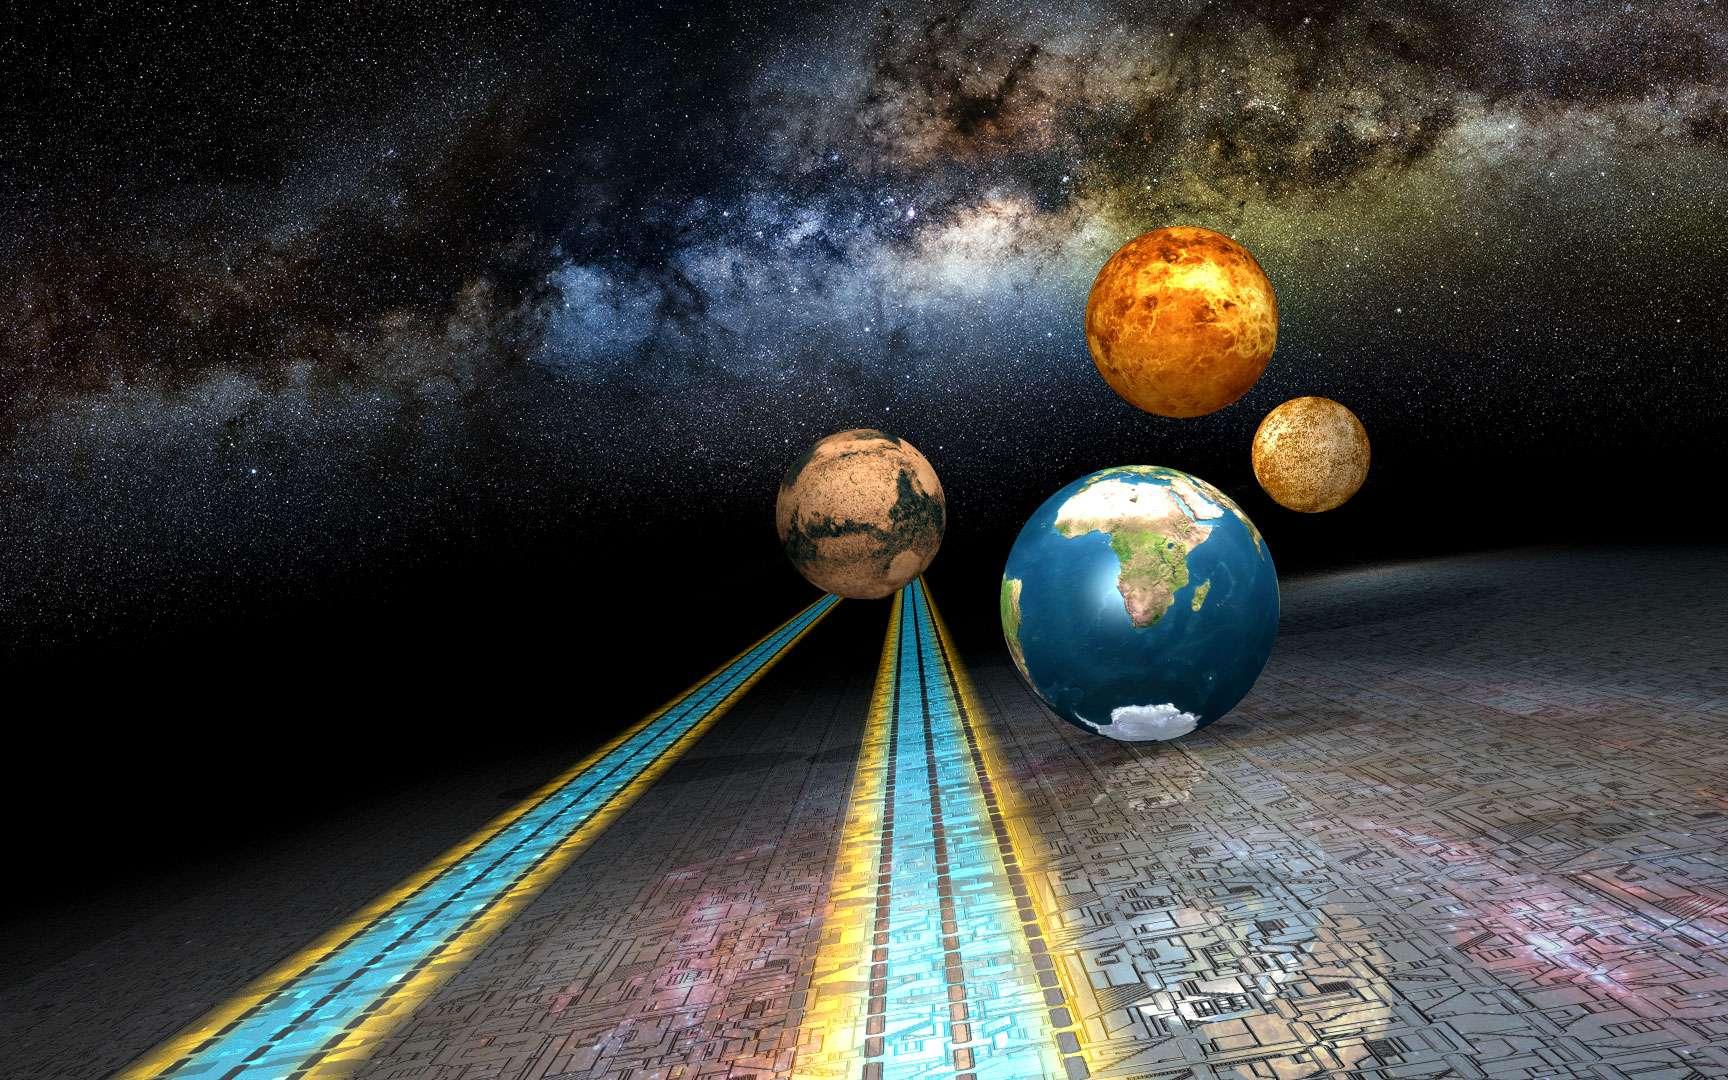 Saturne et Jupiter. Ces deux clichés sont issus respectivement de compositages de clichés pris à la ToUcam Pro au foyer d'un télescope Clavius muni de 2 barlows X2 en série (686 clichés pour Jupiter et 1528 images pour Saturne). Pour ces deux images la turbulence était quasi inexistante depuis mon balcon dans la ville de Grasse alors que les planètes se situaient entre 45 et 49° au-dessus de l'horizon. Saturne a été prise le 27 janvier 2003 et Jupiter le 17 février 2003 ©Copyright - Didier Favre. Tous droits réservés. Alcyone Astronomie - http://favre.didier.free.fr/index.shtml